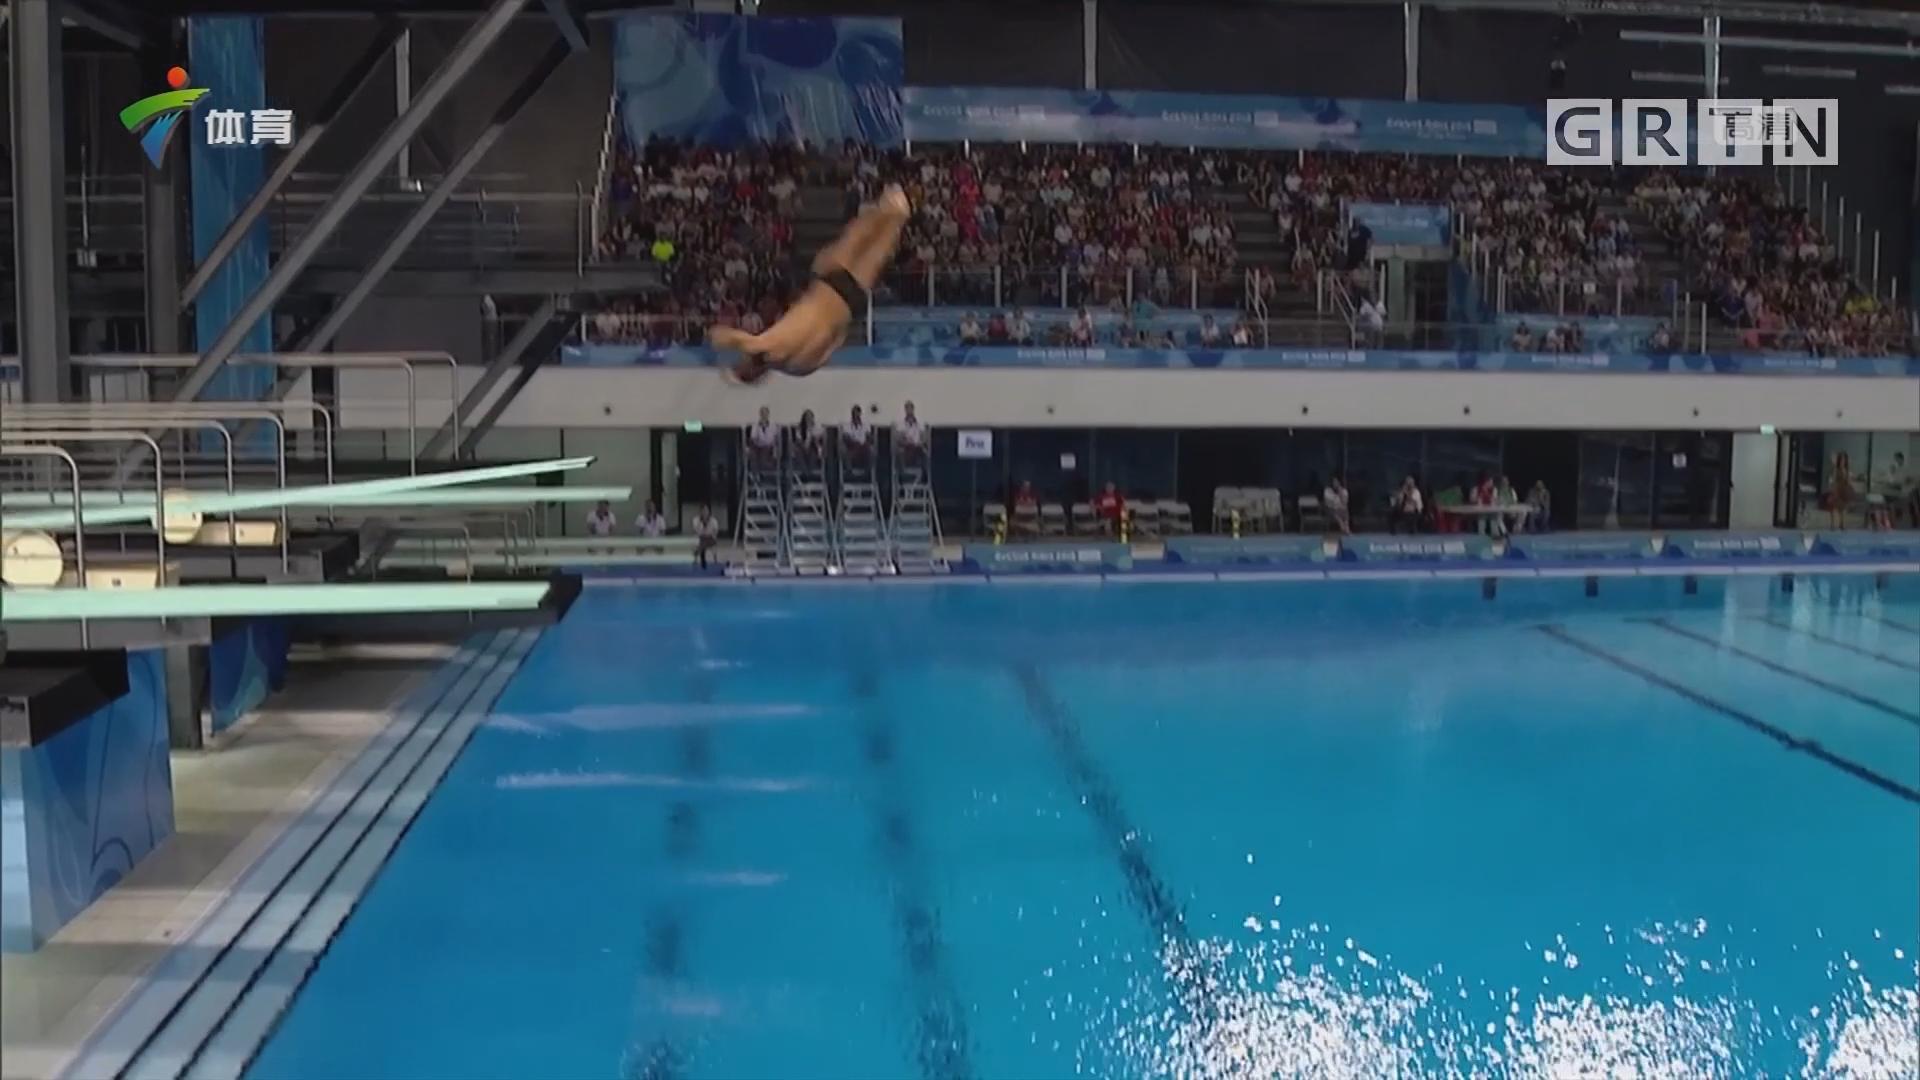 青奥会 哥伦比亚选手夺跳水男子三米板冠军